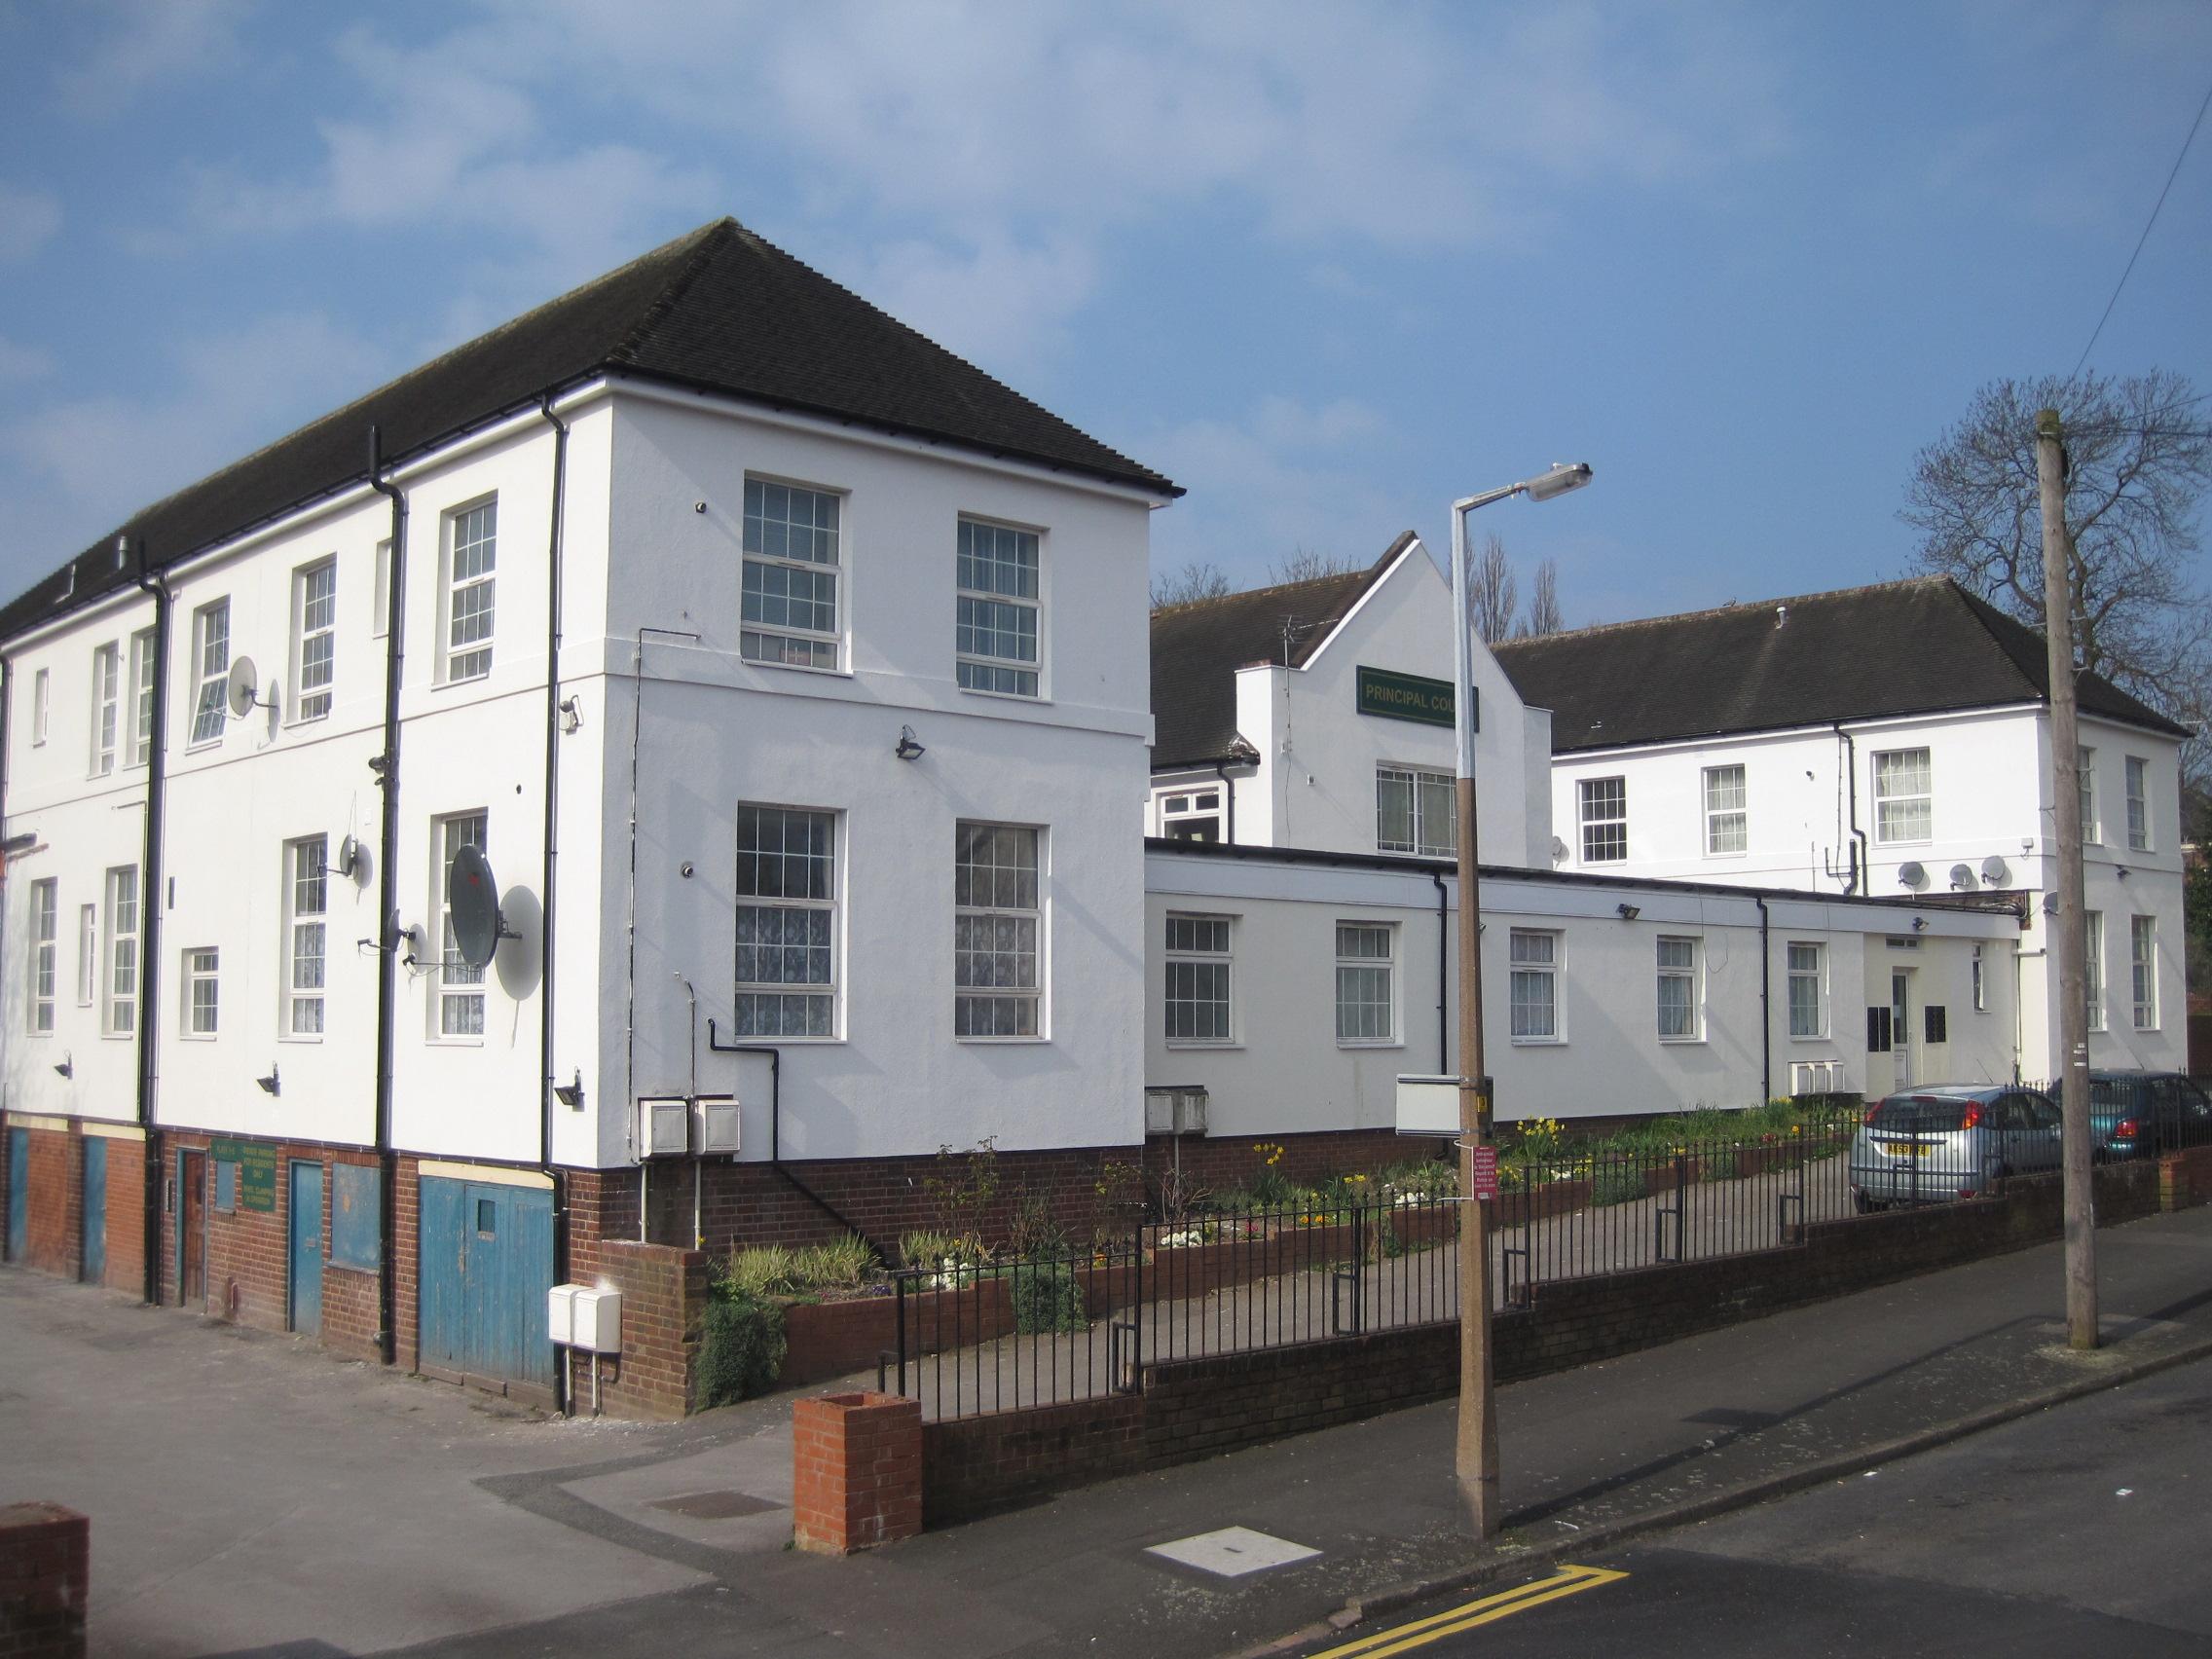 Flat 16, Principal court, Firs Lane, Smethwick